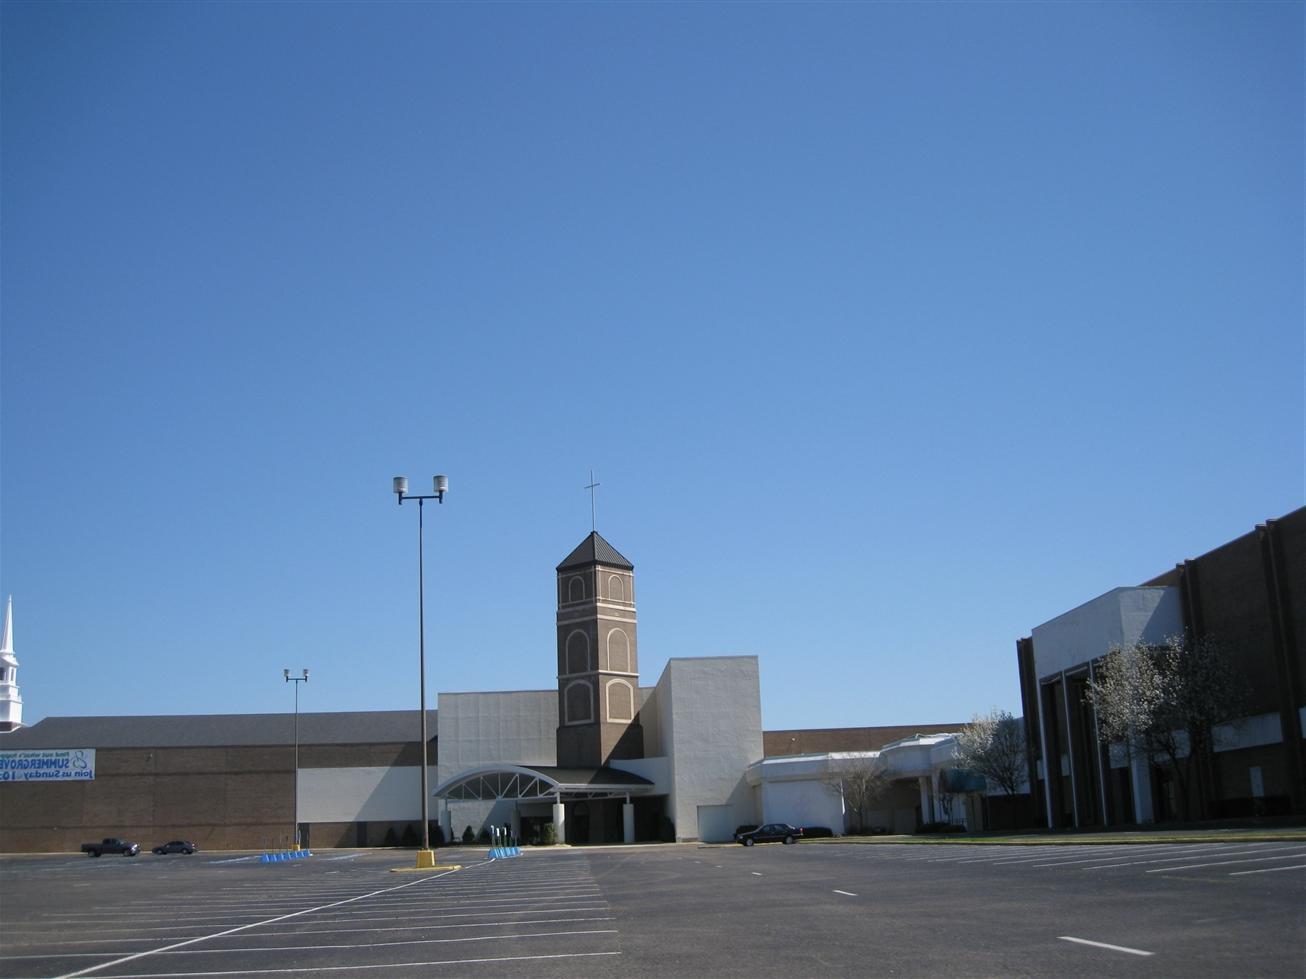 Church in Shreveport, LA